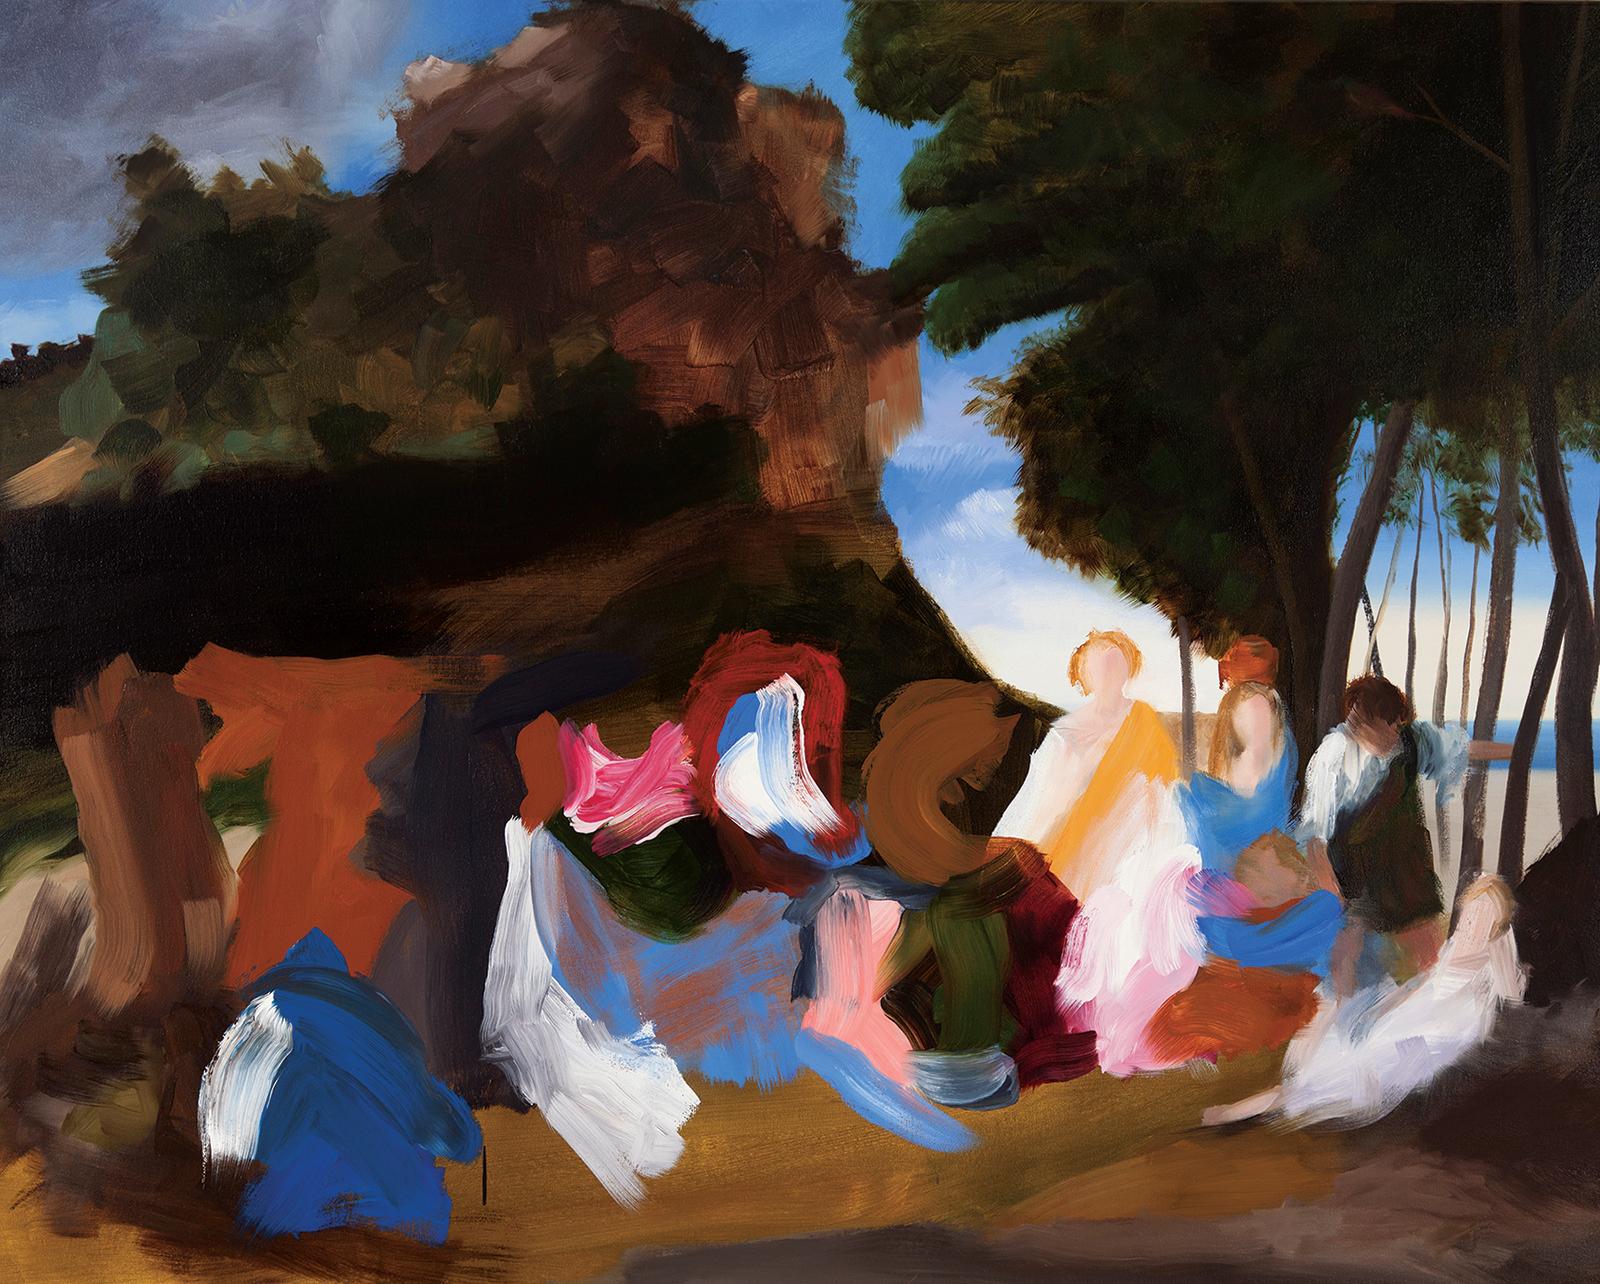 Elise Ansel. Feast of the Gods, 2013. Oil on Linen. Ellsworth Gallery, Santa Fe.